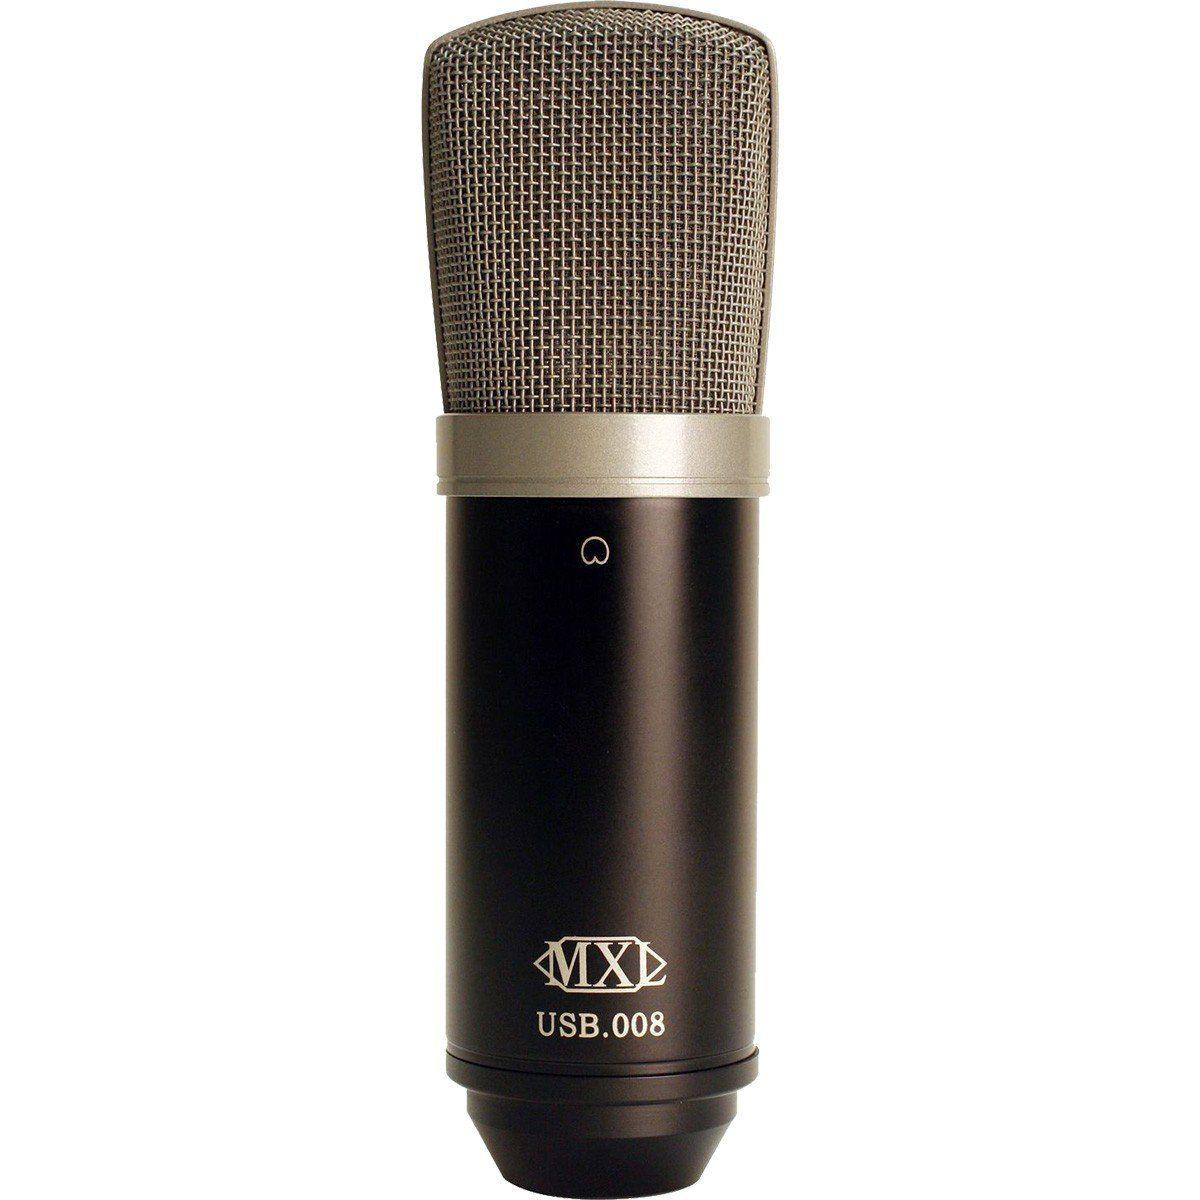 Mxl USB 008 Microfone Cardioide Condensador Mxl USB-008 para Gravação